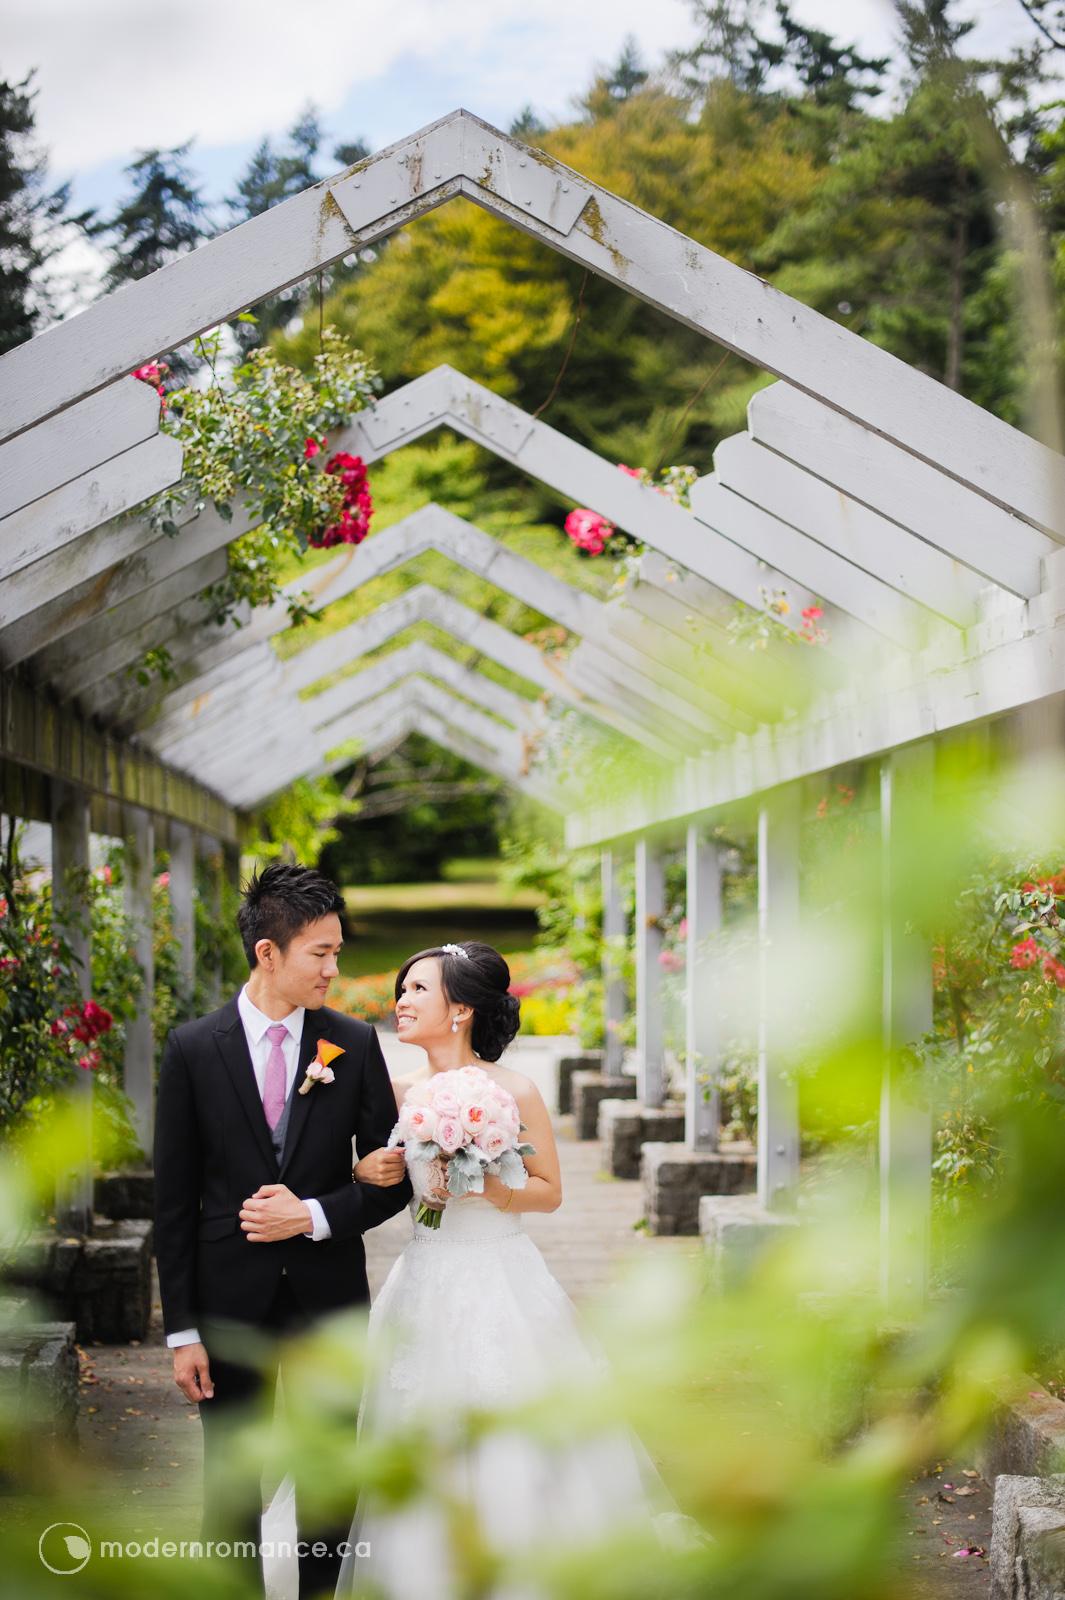 Modern_Romance_Yna_Yohei-6032.jpg